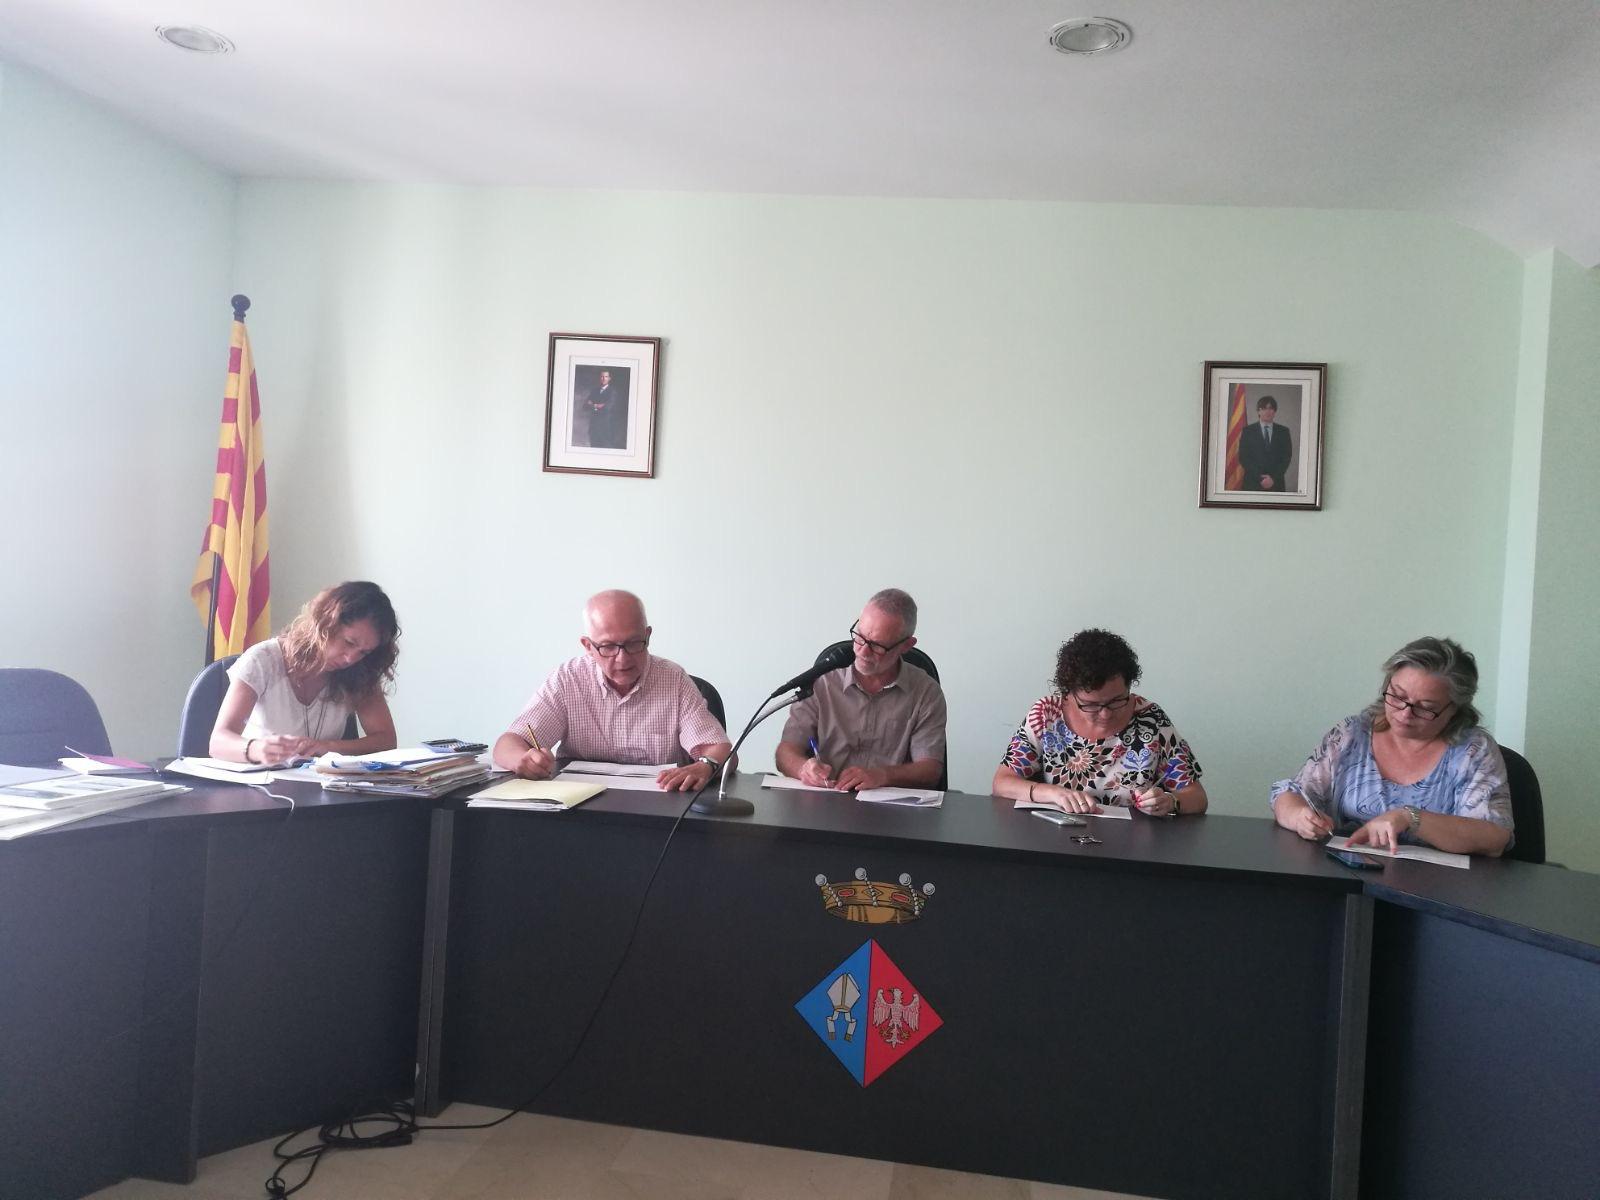 Està previst que aquest juliol s'adjudiqui la redacció del projecte de les obres de rehabilitació del Poliesportiu Municipal